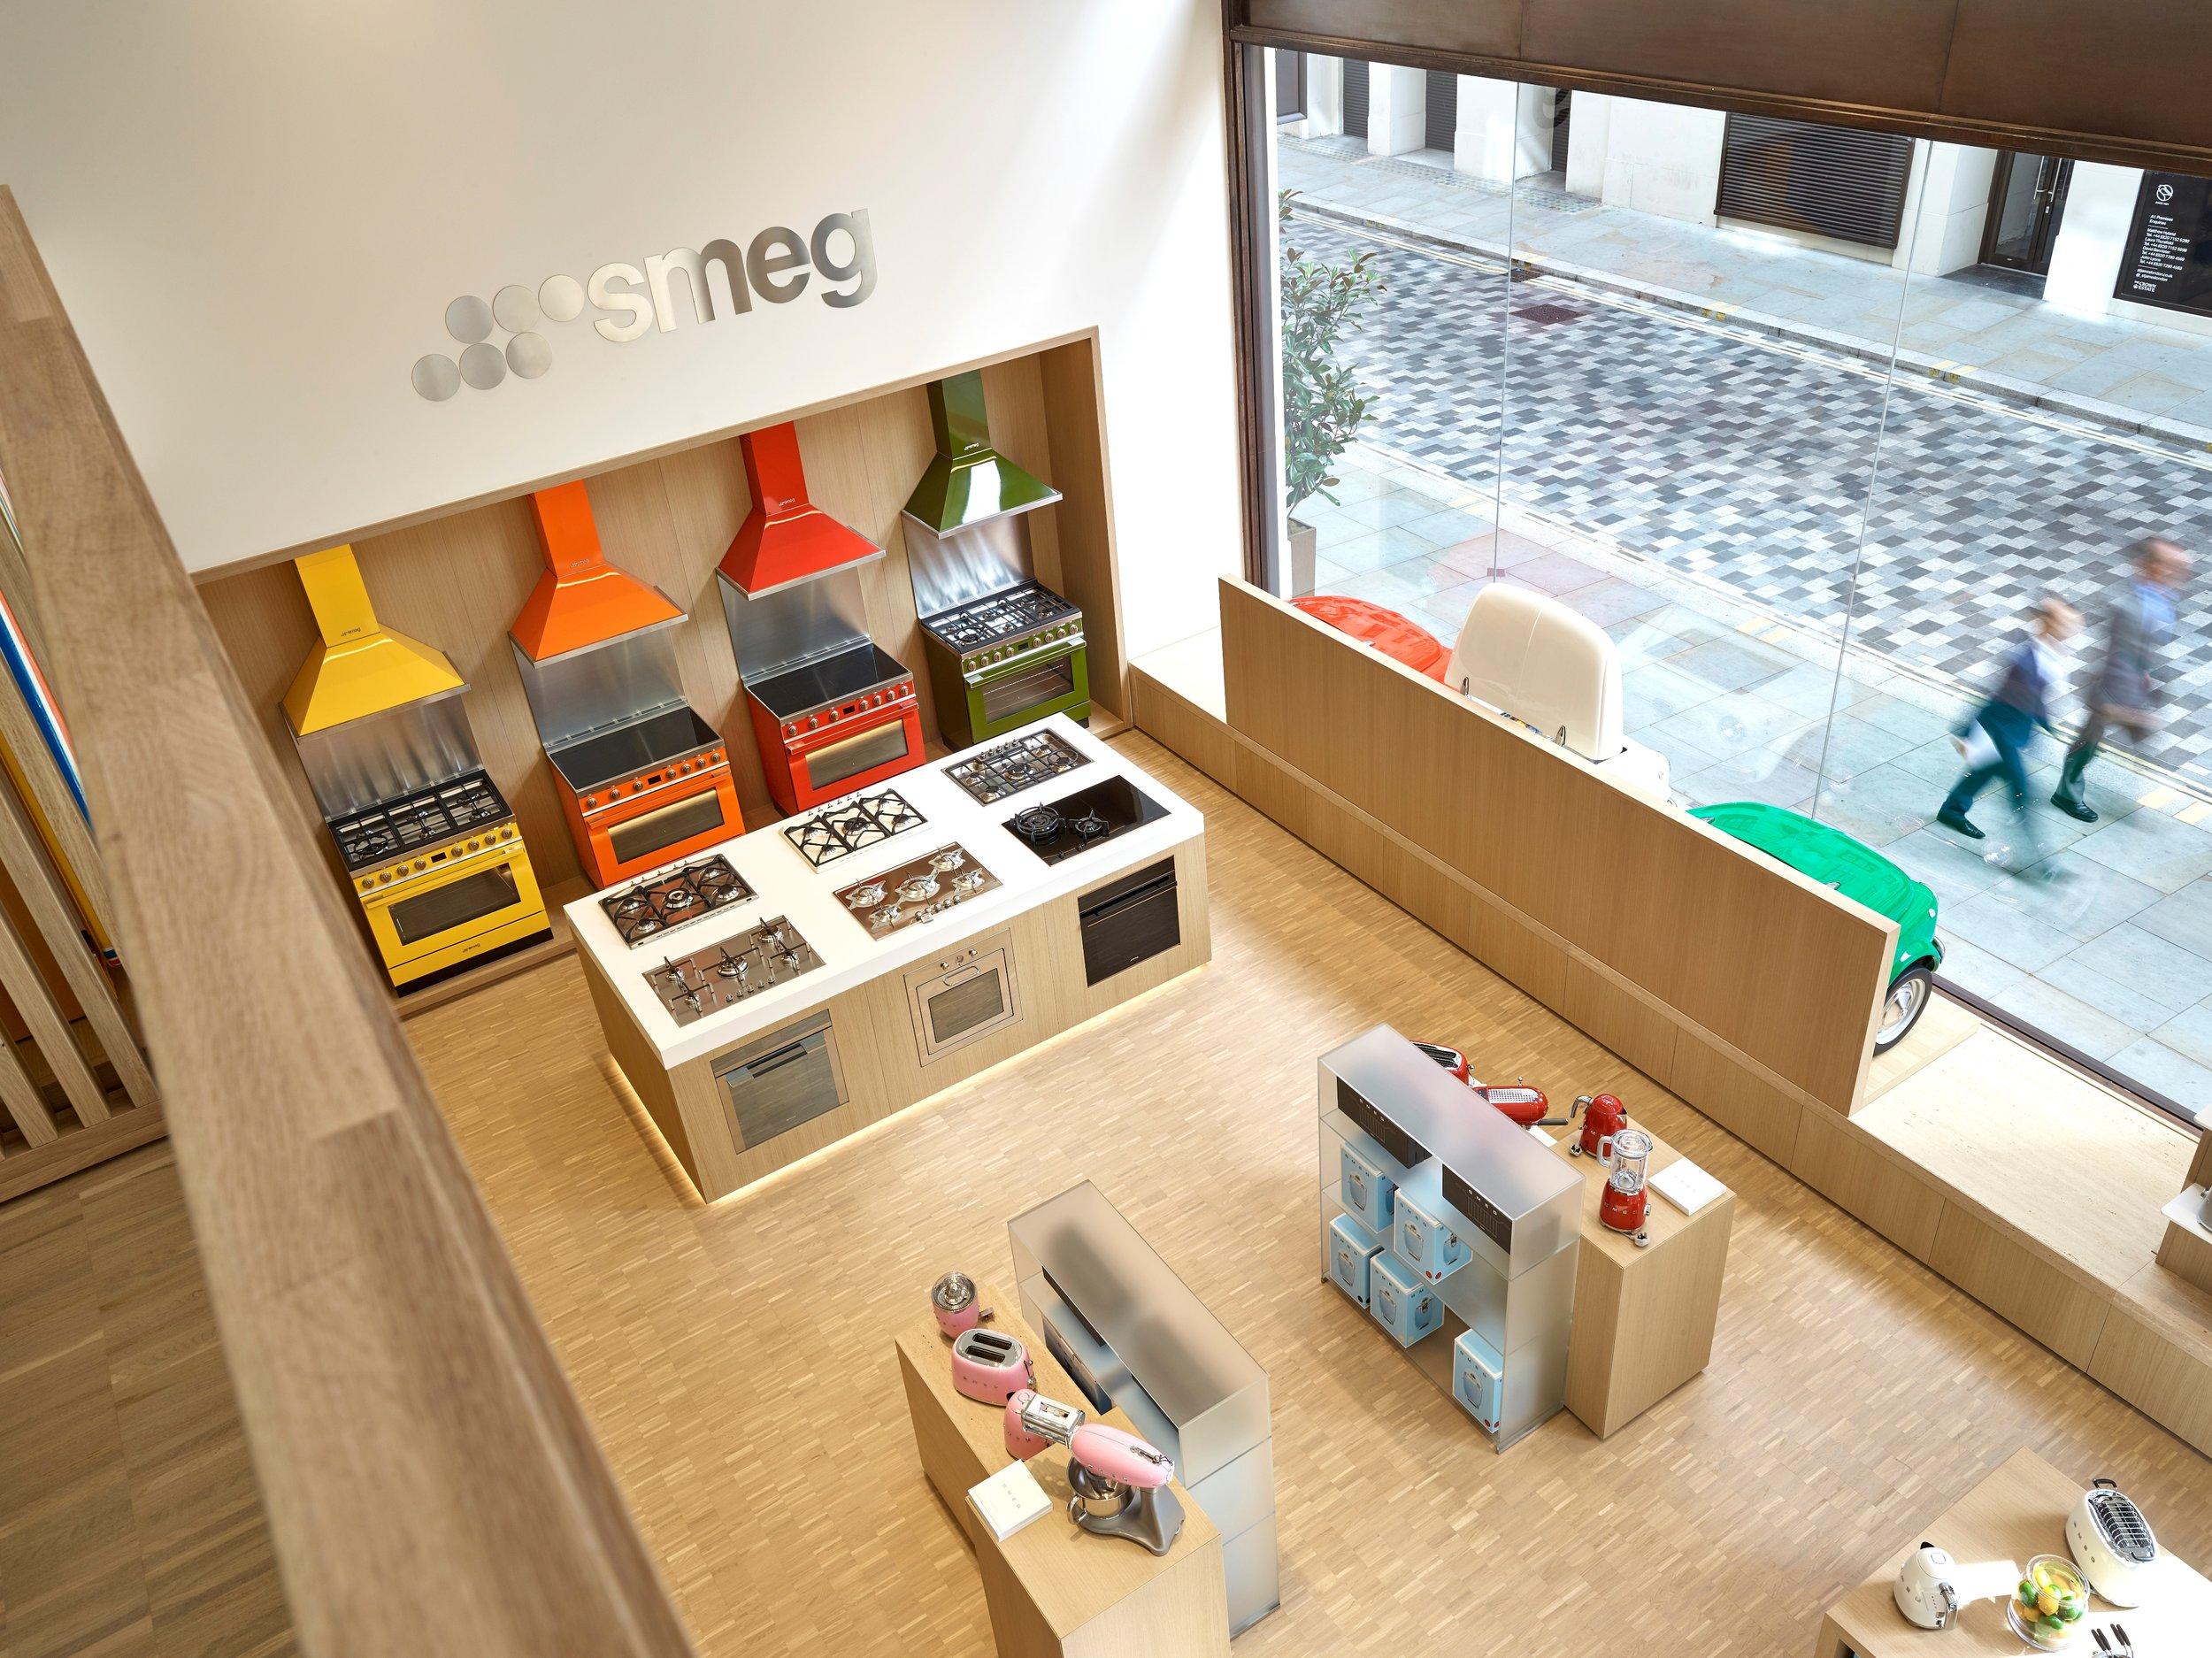 SMEG-store-above.jpg